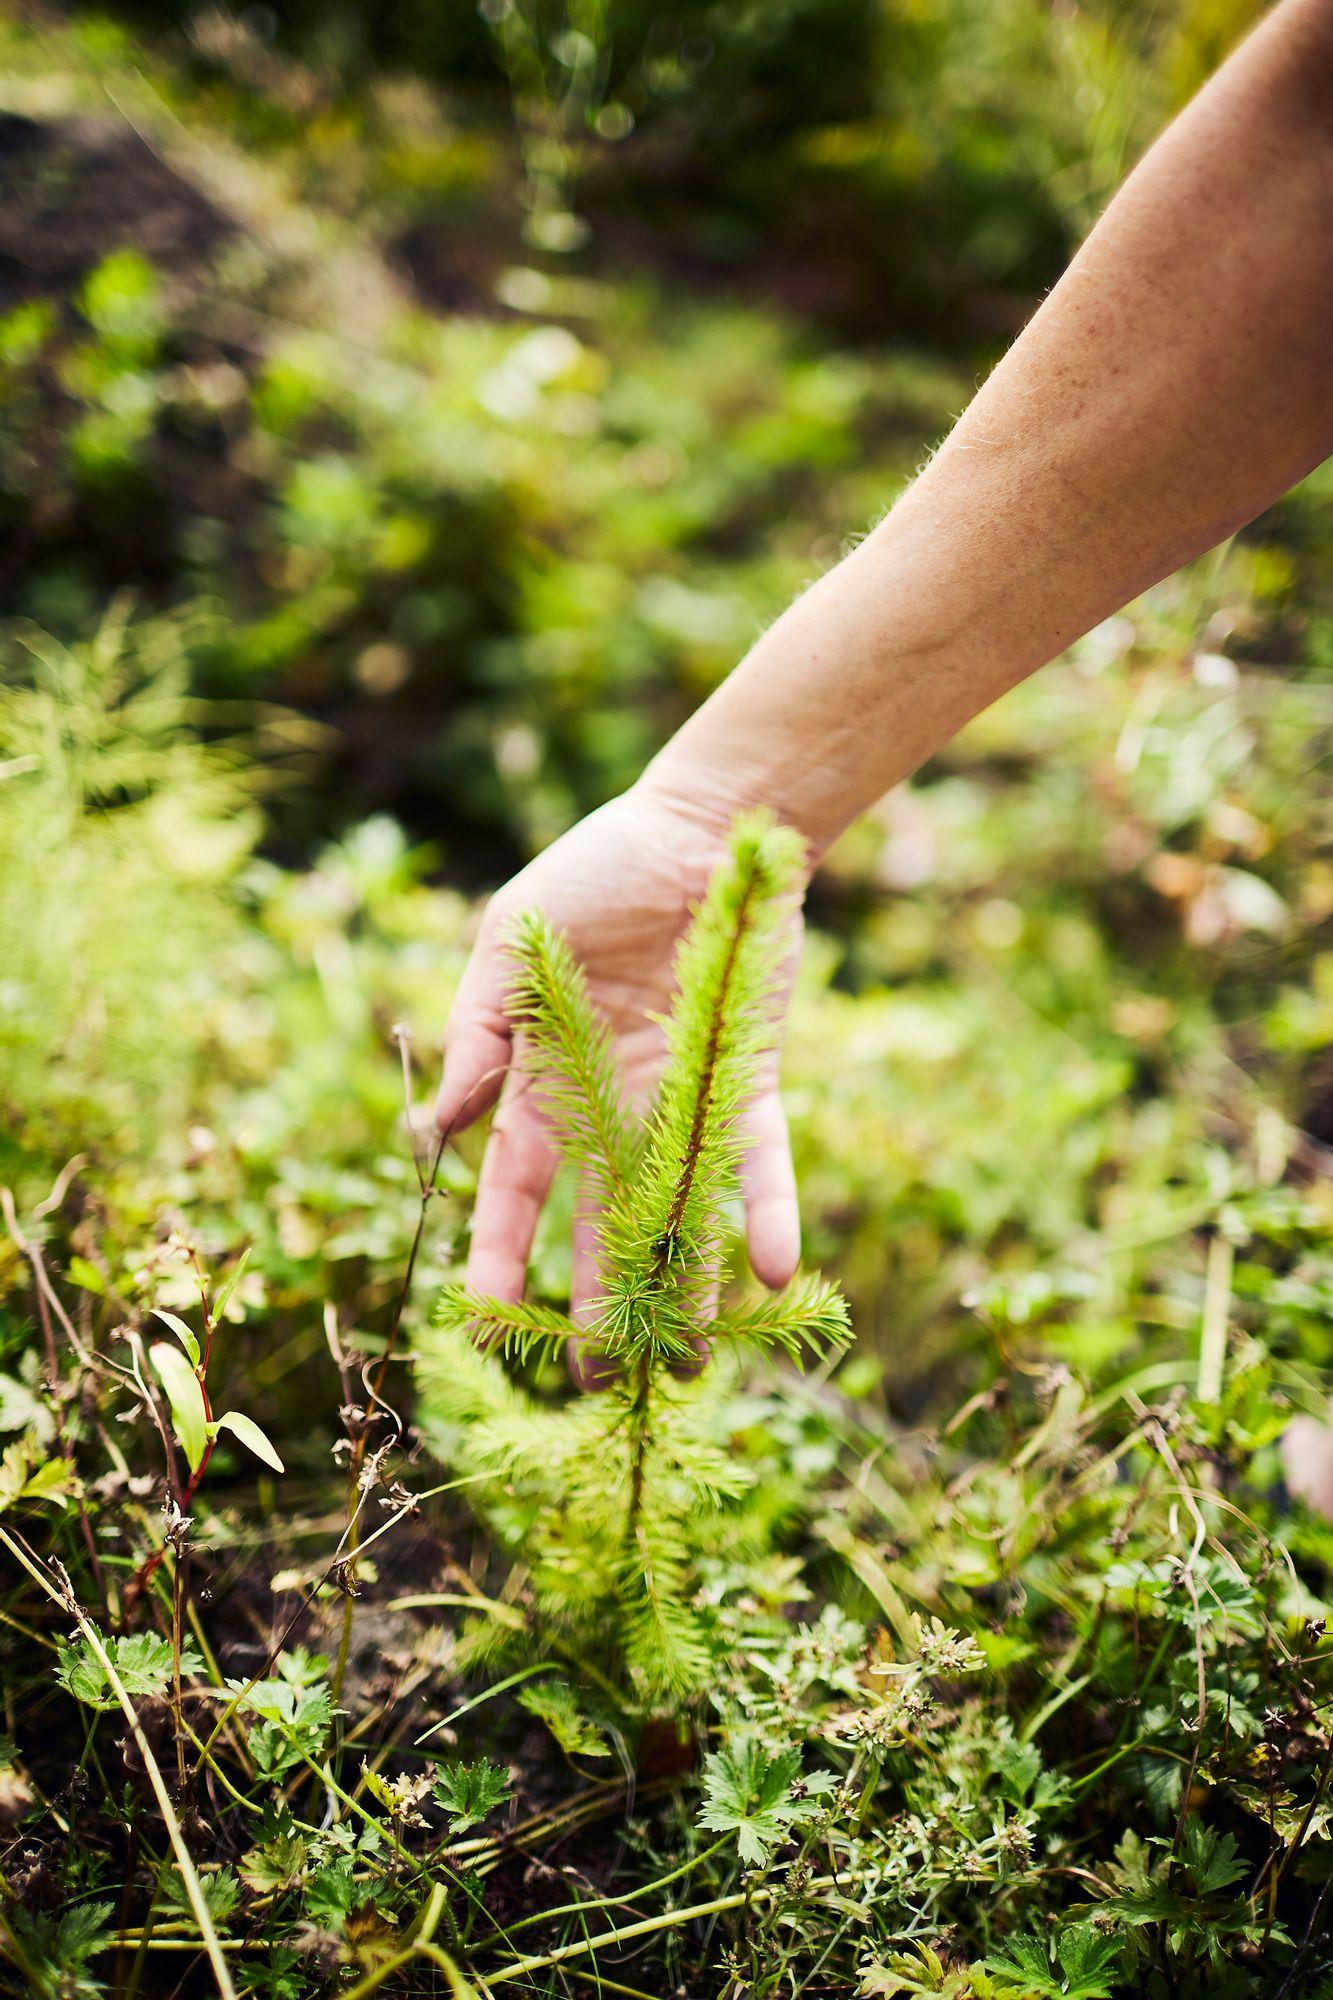 Metsänhoito on pitkäjänteistä työtä, eikä taloudellinen hyöty tule helposti ja nopeasti. Petterssonit jättävät metsän perinnöksi lapsilleen. © Sara Pihlaja